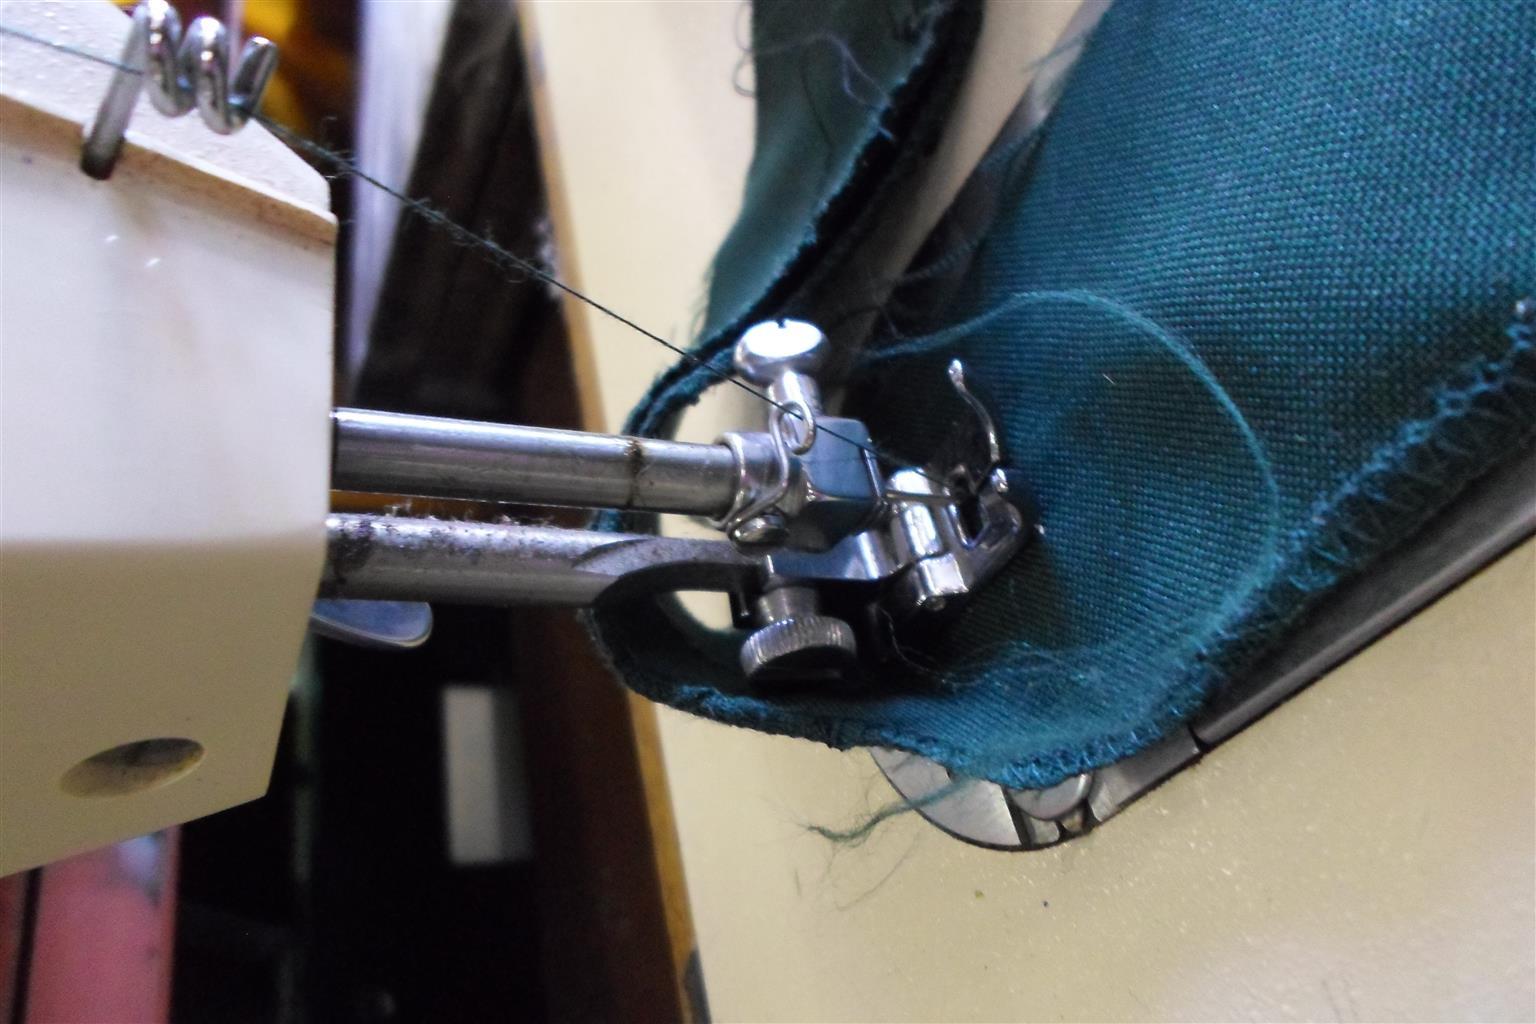 Singer 263 Manual Sewing Machine